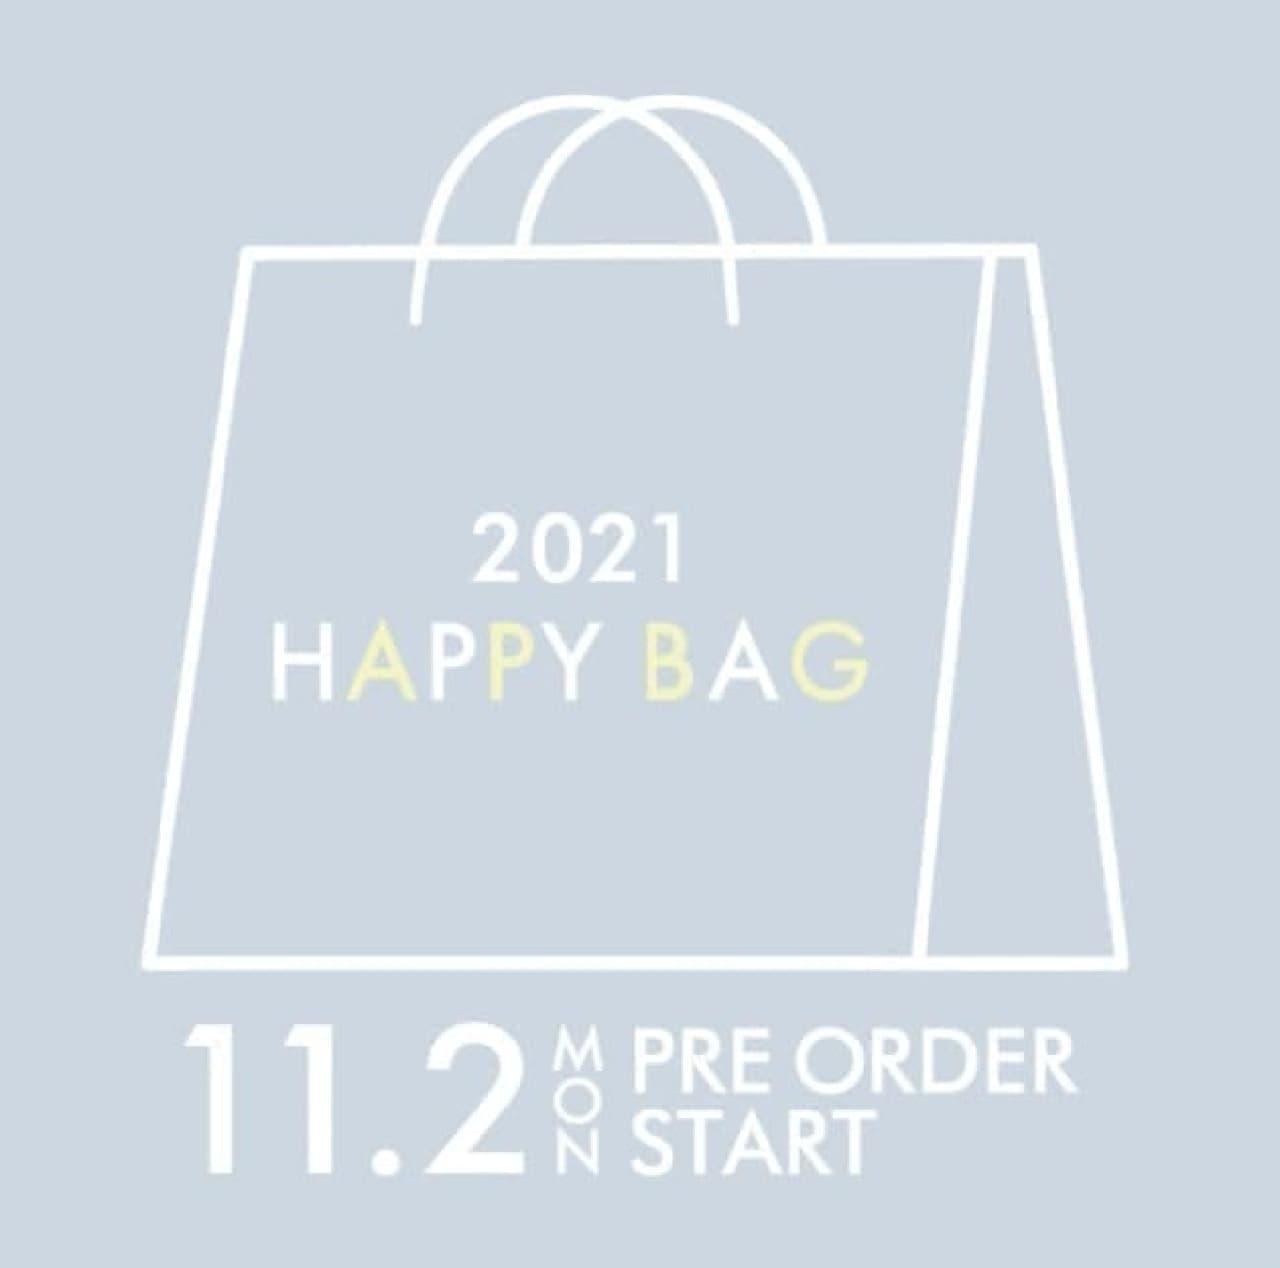 人気アイテムをお得に♪ ジェラート ピケ「2021福袋」が登場 -- メンズ福袋もオンライン限定で